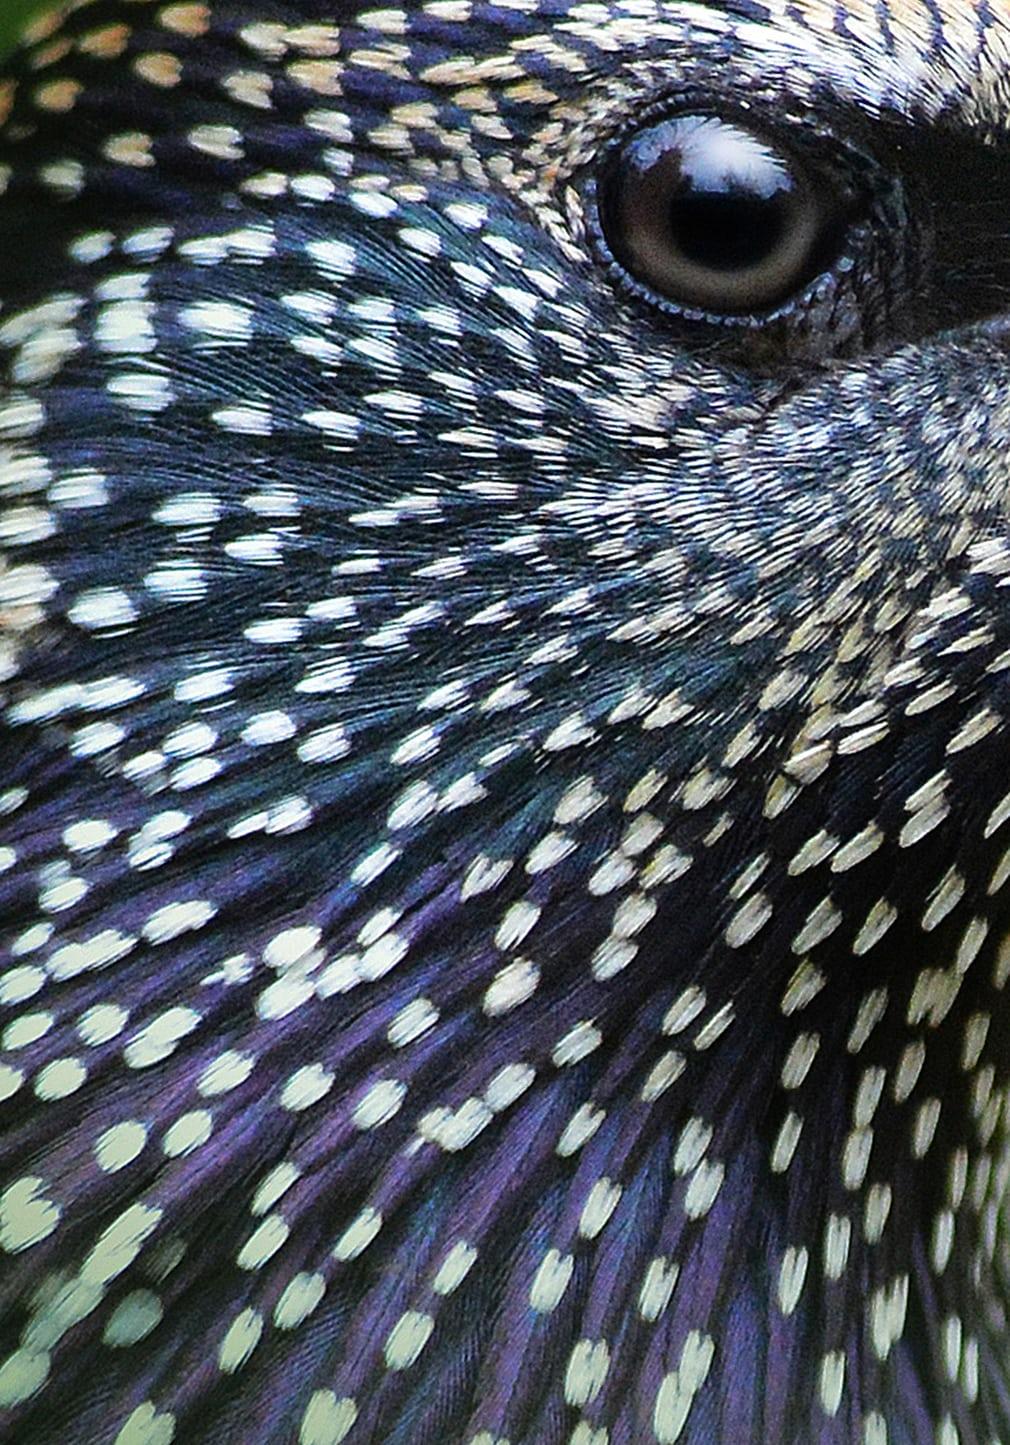 Bức ảnh chụp cận cảnh mắt chim sáo đá giúp nhiếp ảnh gia người Anh Martin Grace đoạt giải bạc ở hạng mục Tập trung vào chi tiết.